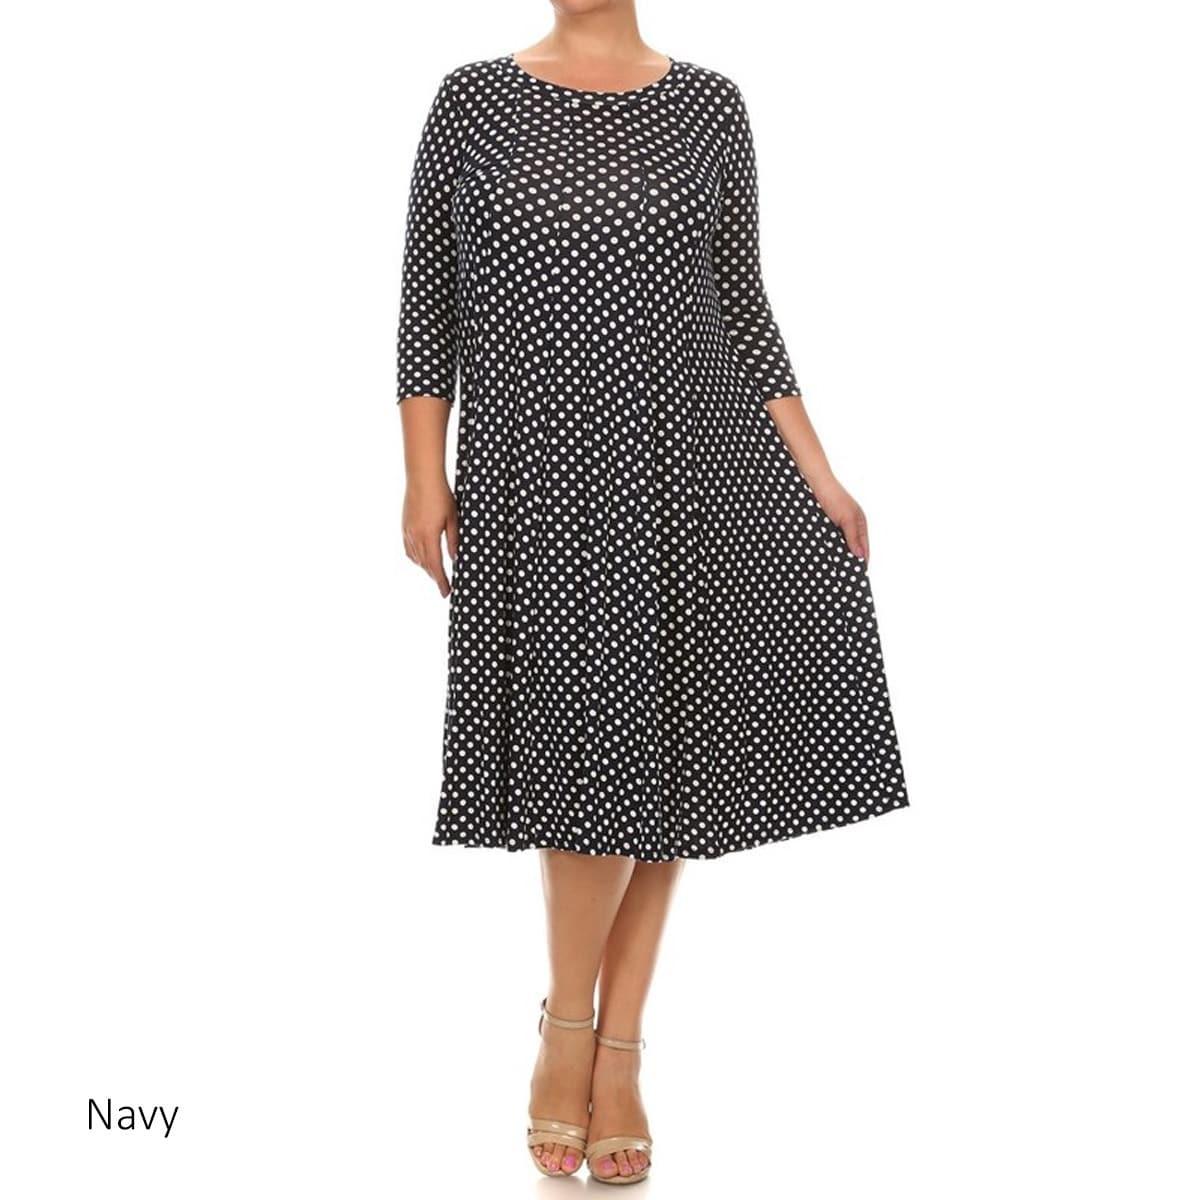 Women\'s Rayon and Spandex Plus-size Polka-dot Dress